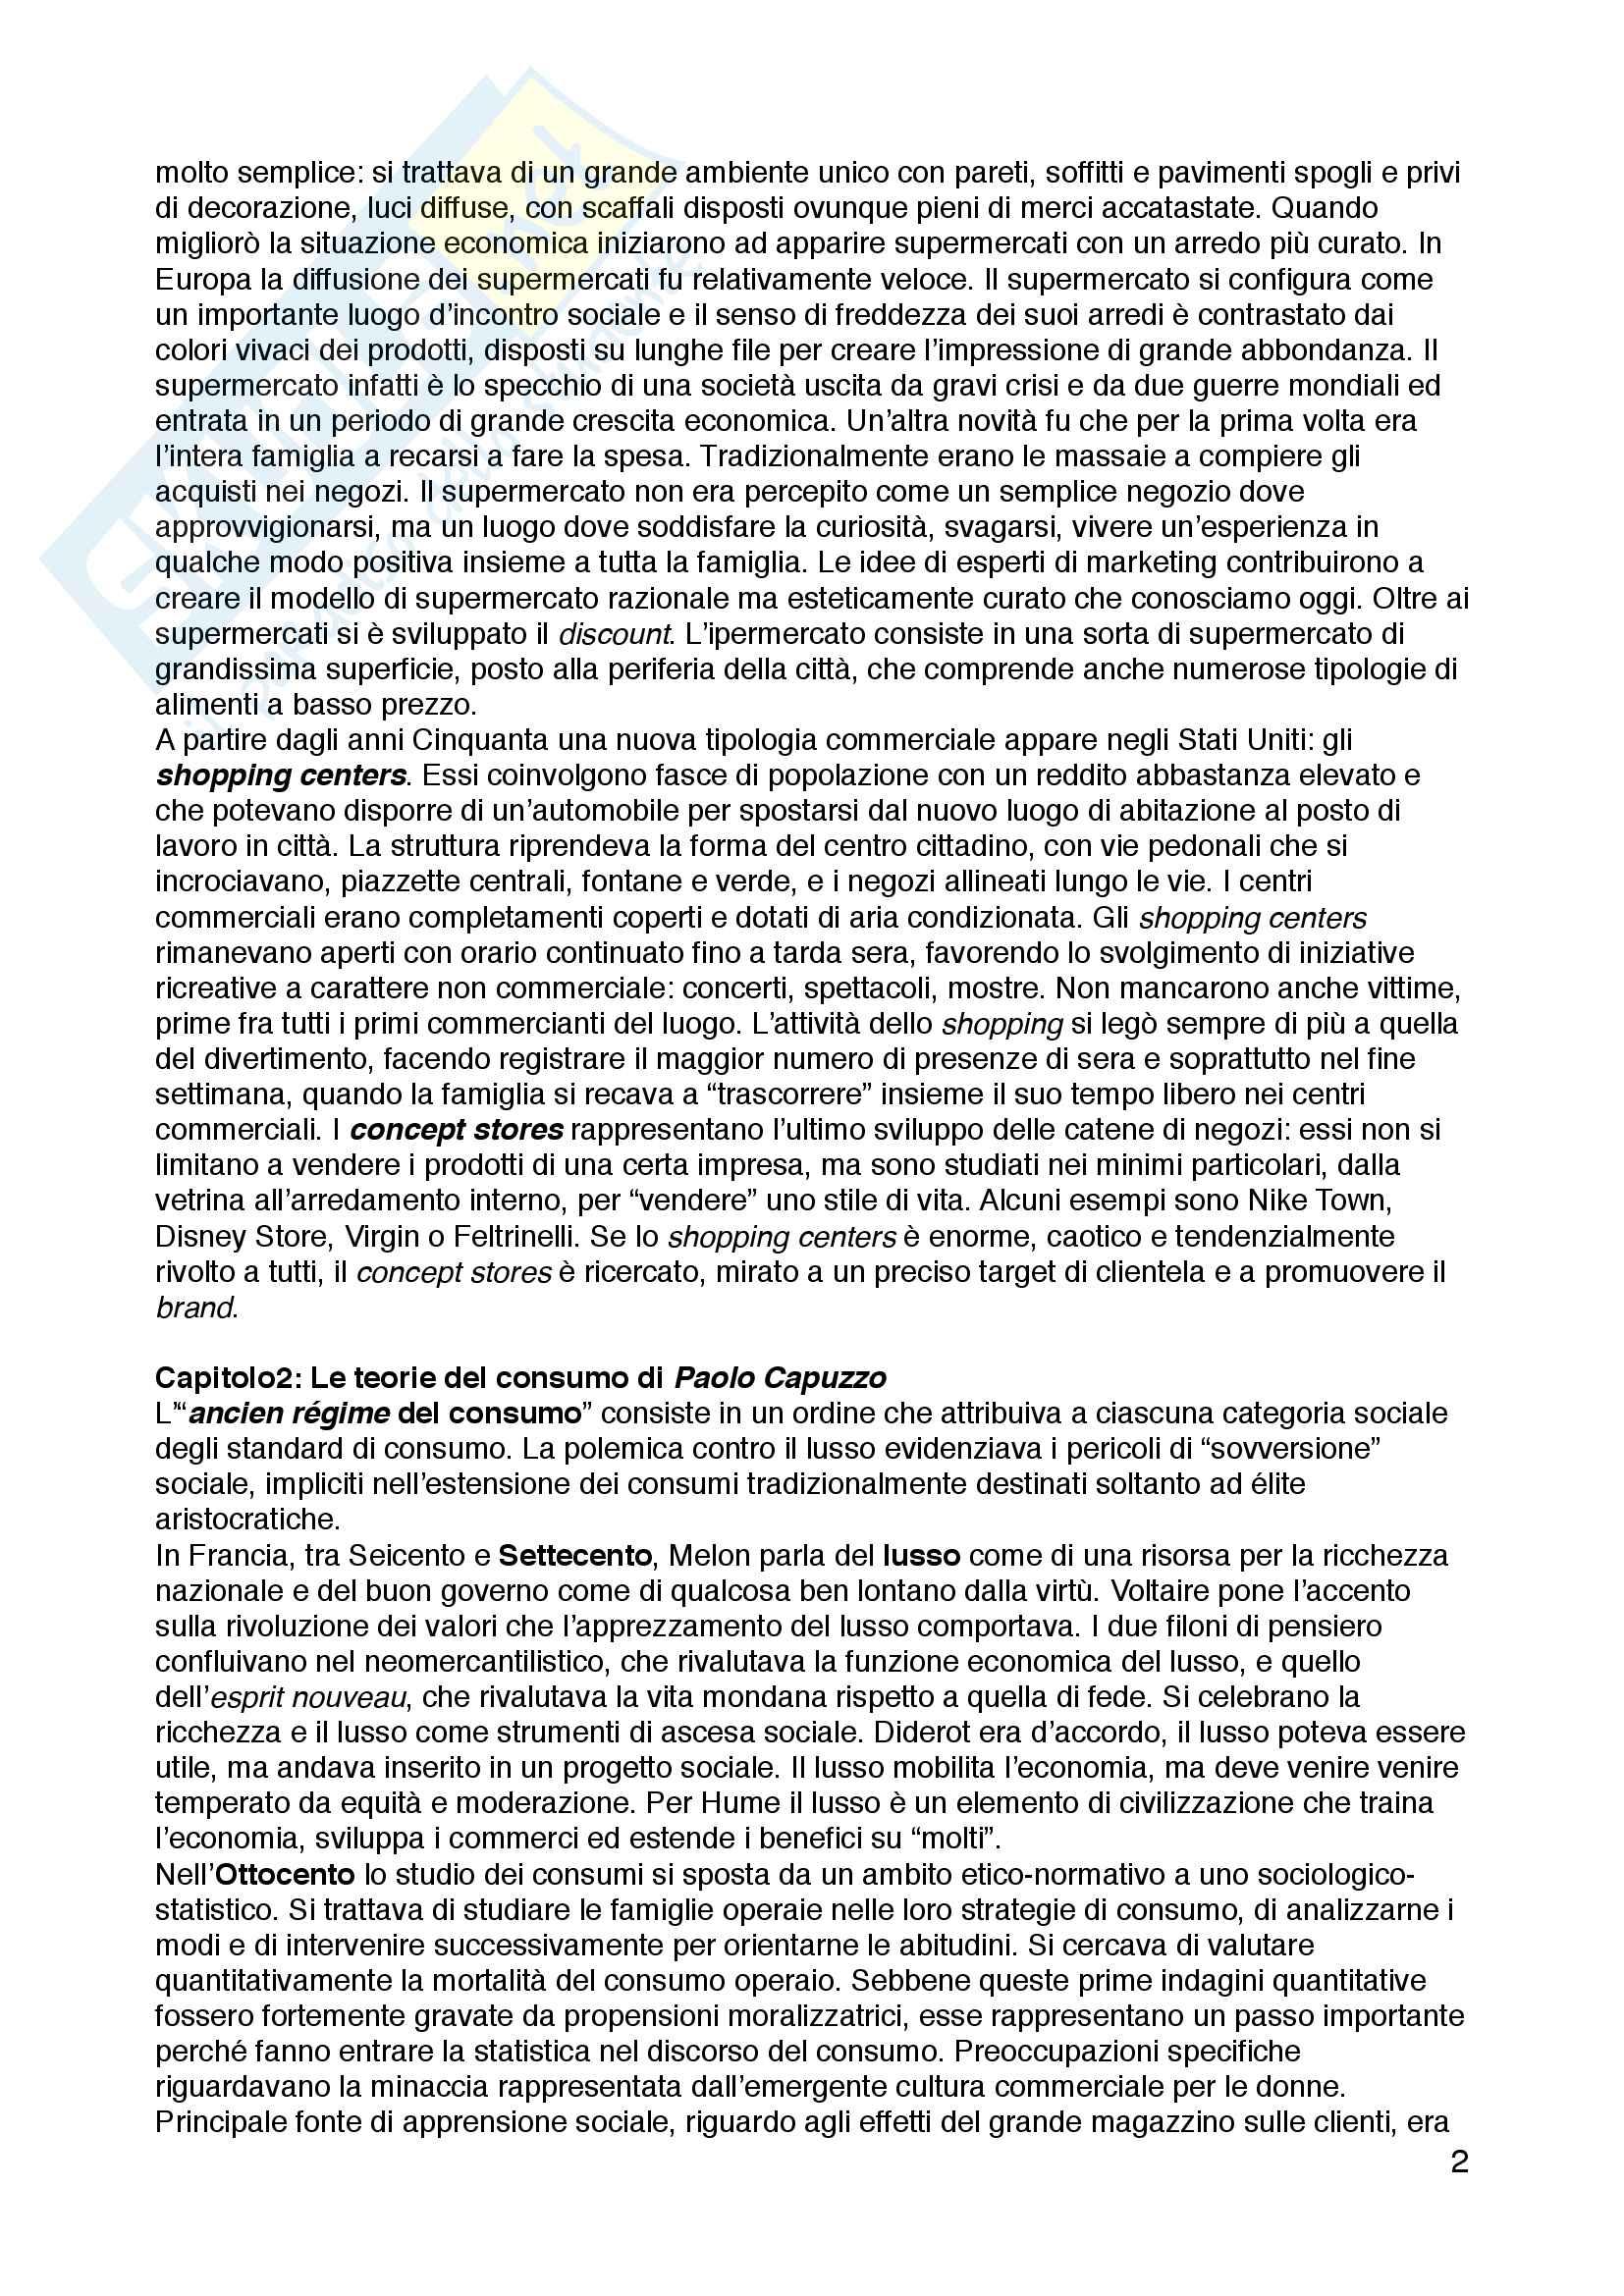 """Riassunto esame Storia culturale e sociale dell'età contemporanea, prof.ssa Luisa Tasca, libro consigliato """"Il secolo dei consumi. Dinamiche sociali nell'Europa del Novecento"""", Cavazza, Scarpellini Pag. 2"""